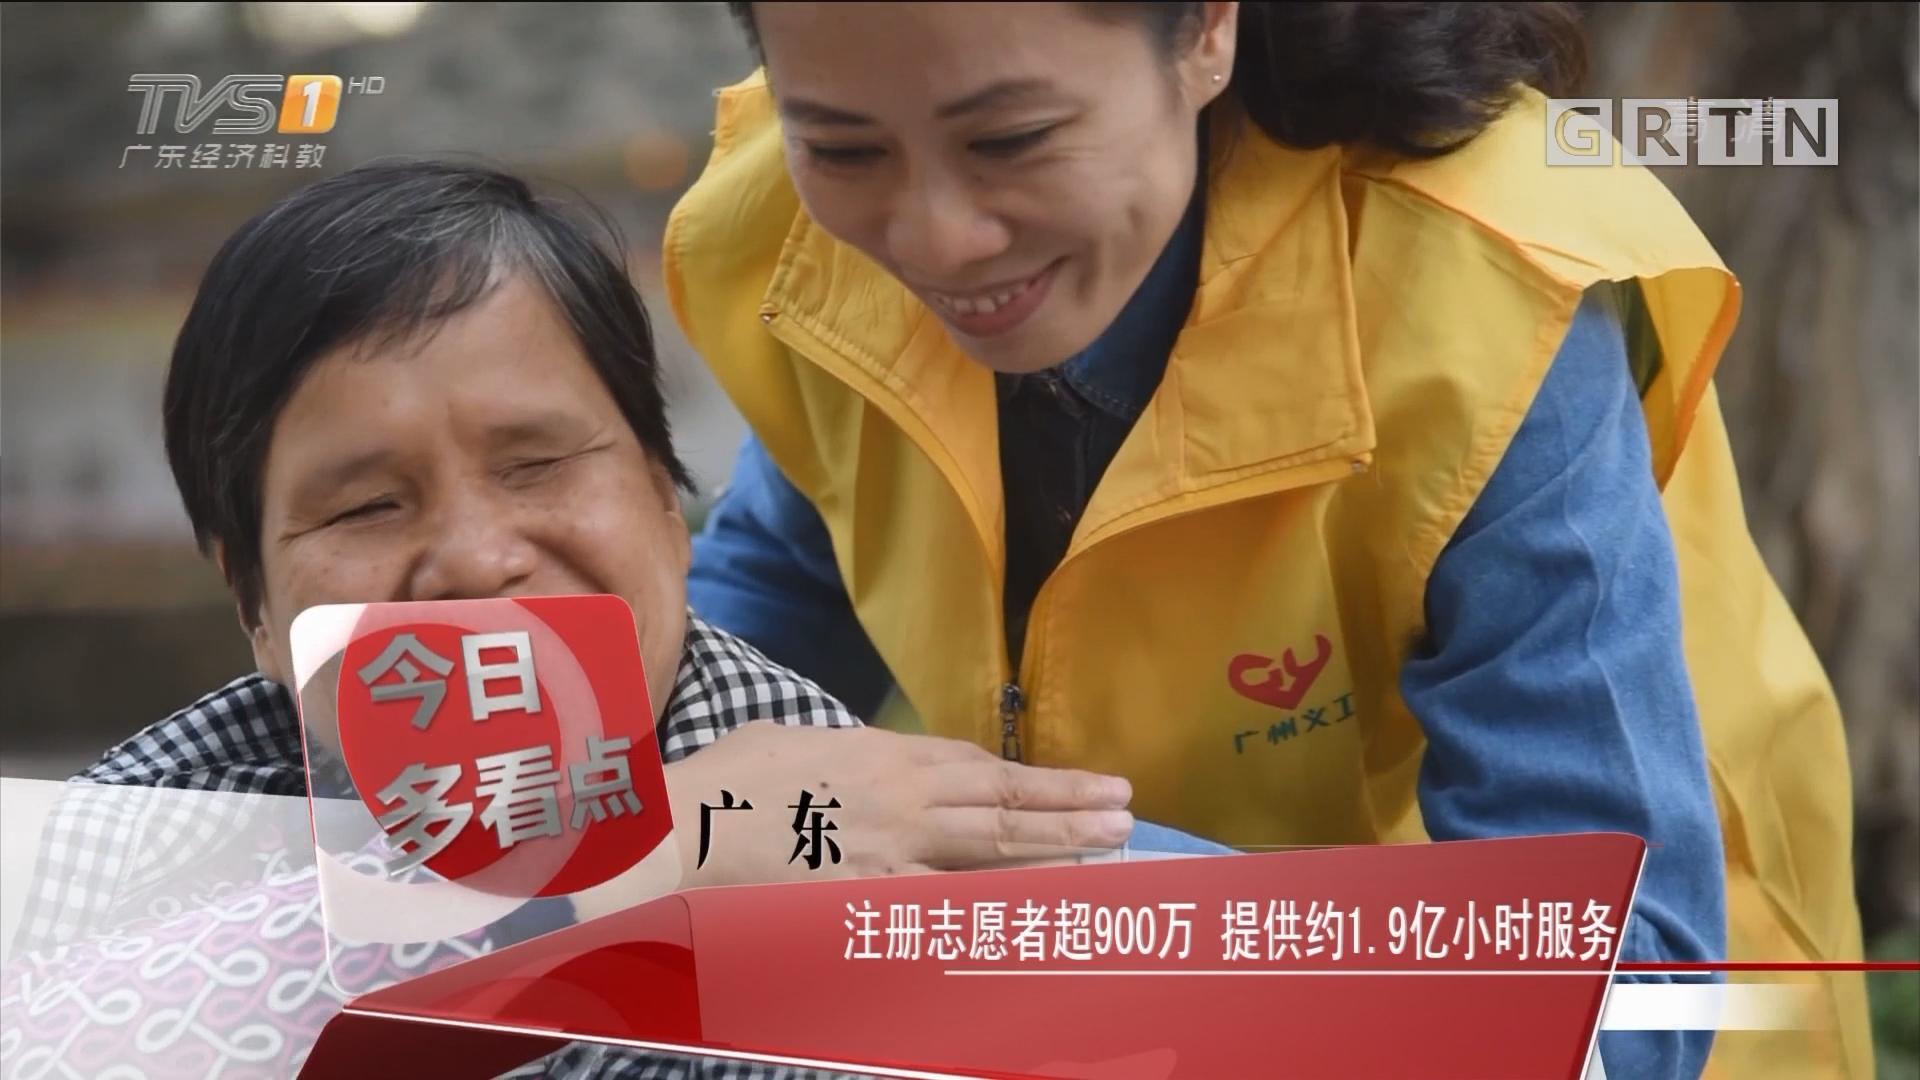 广东:注册志愿者超900万 提供约1.9亿小时服务